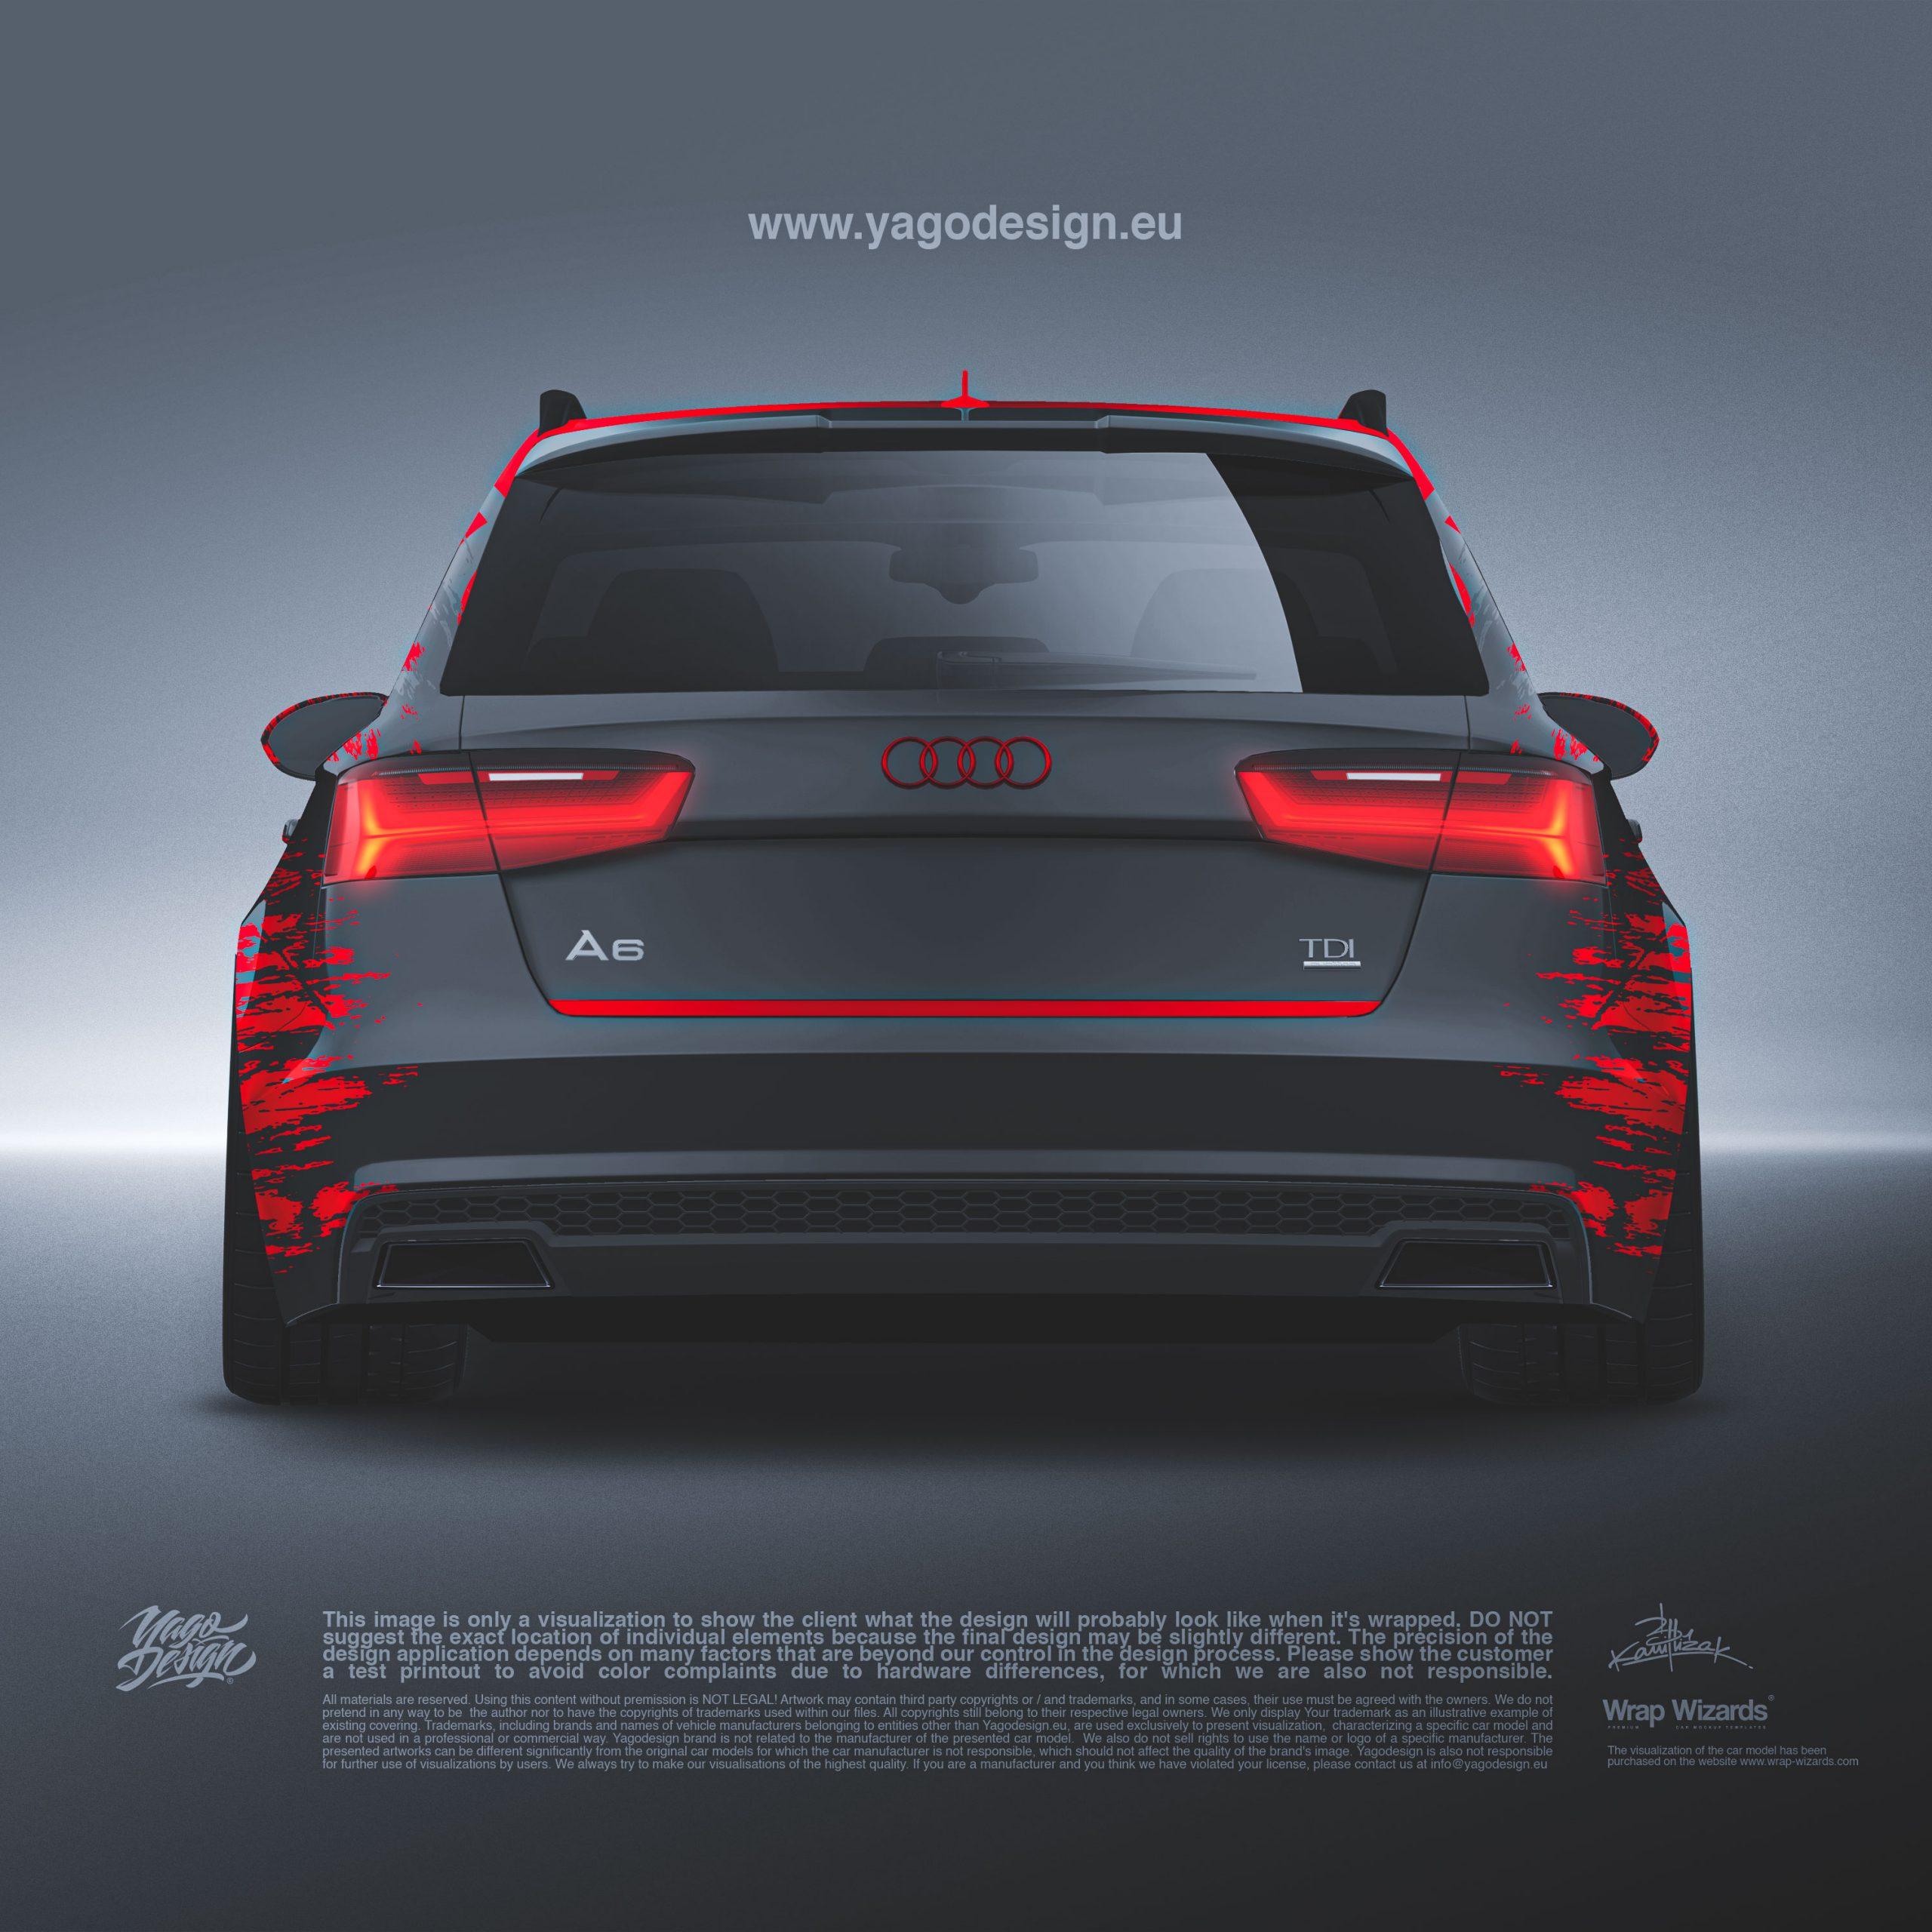 Audi-A6-Avant-2015-RV